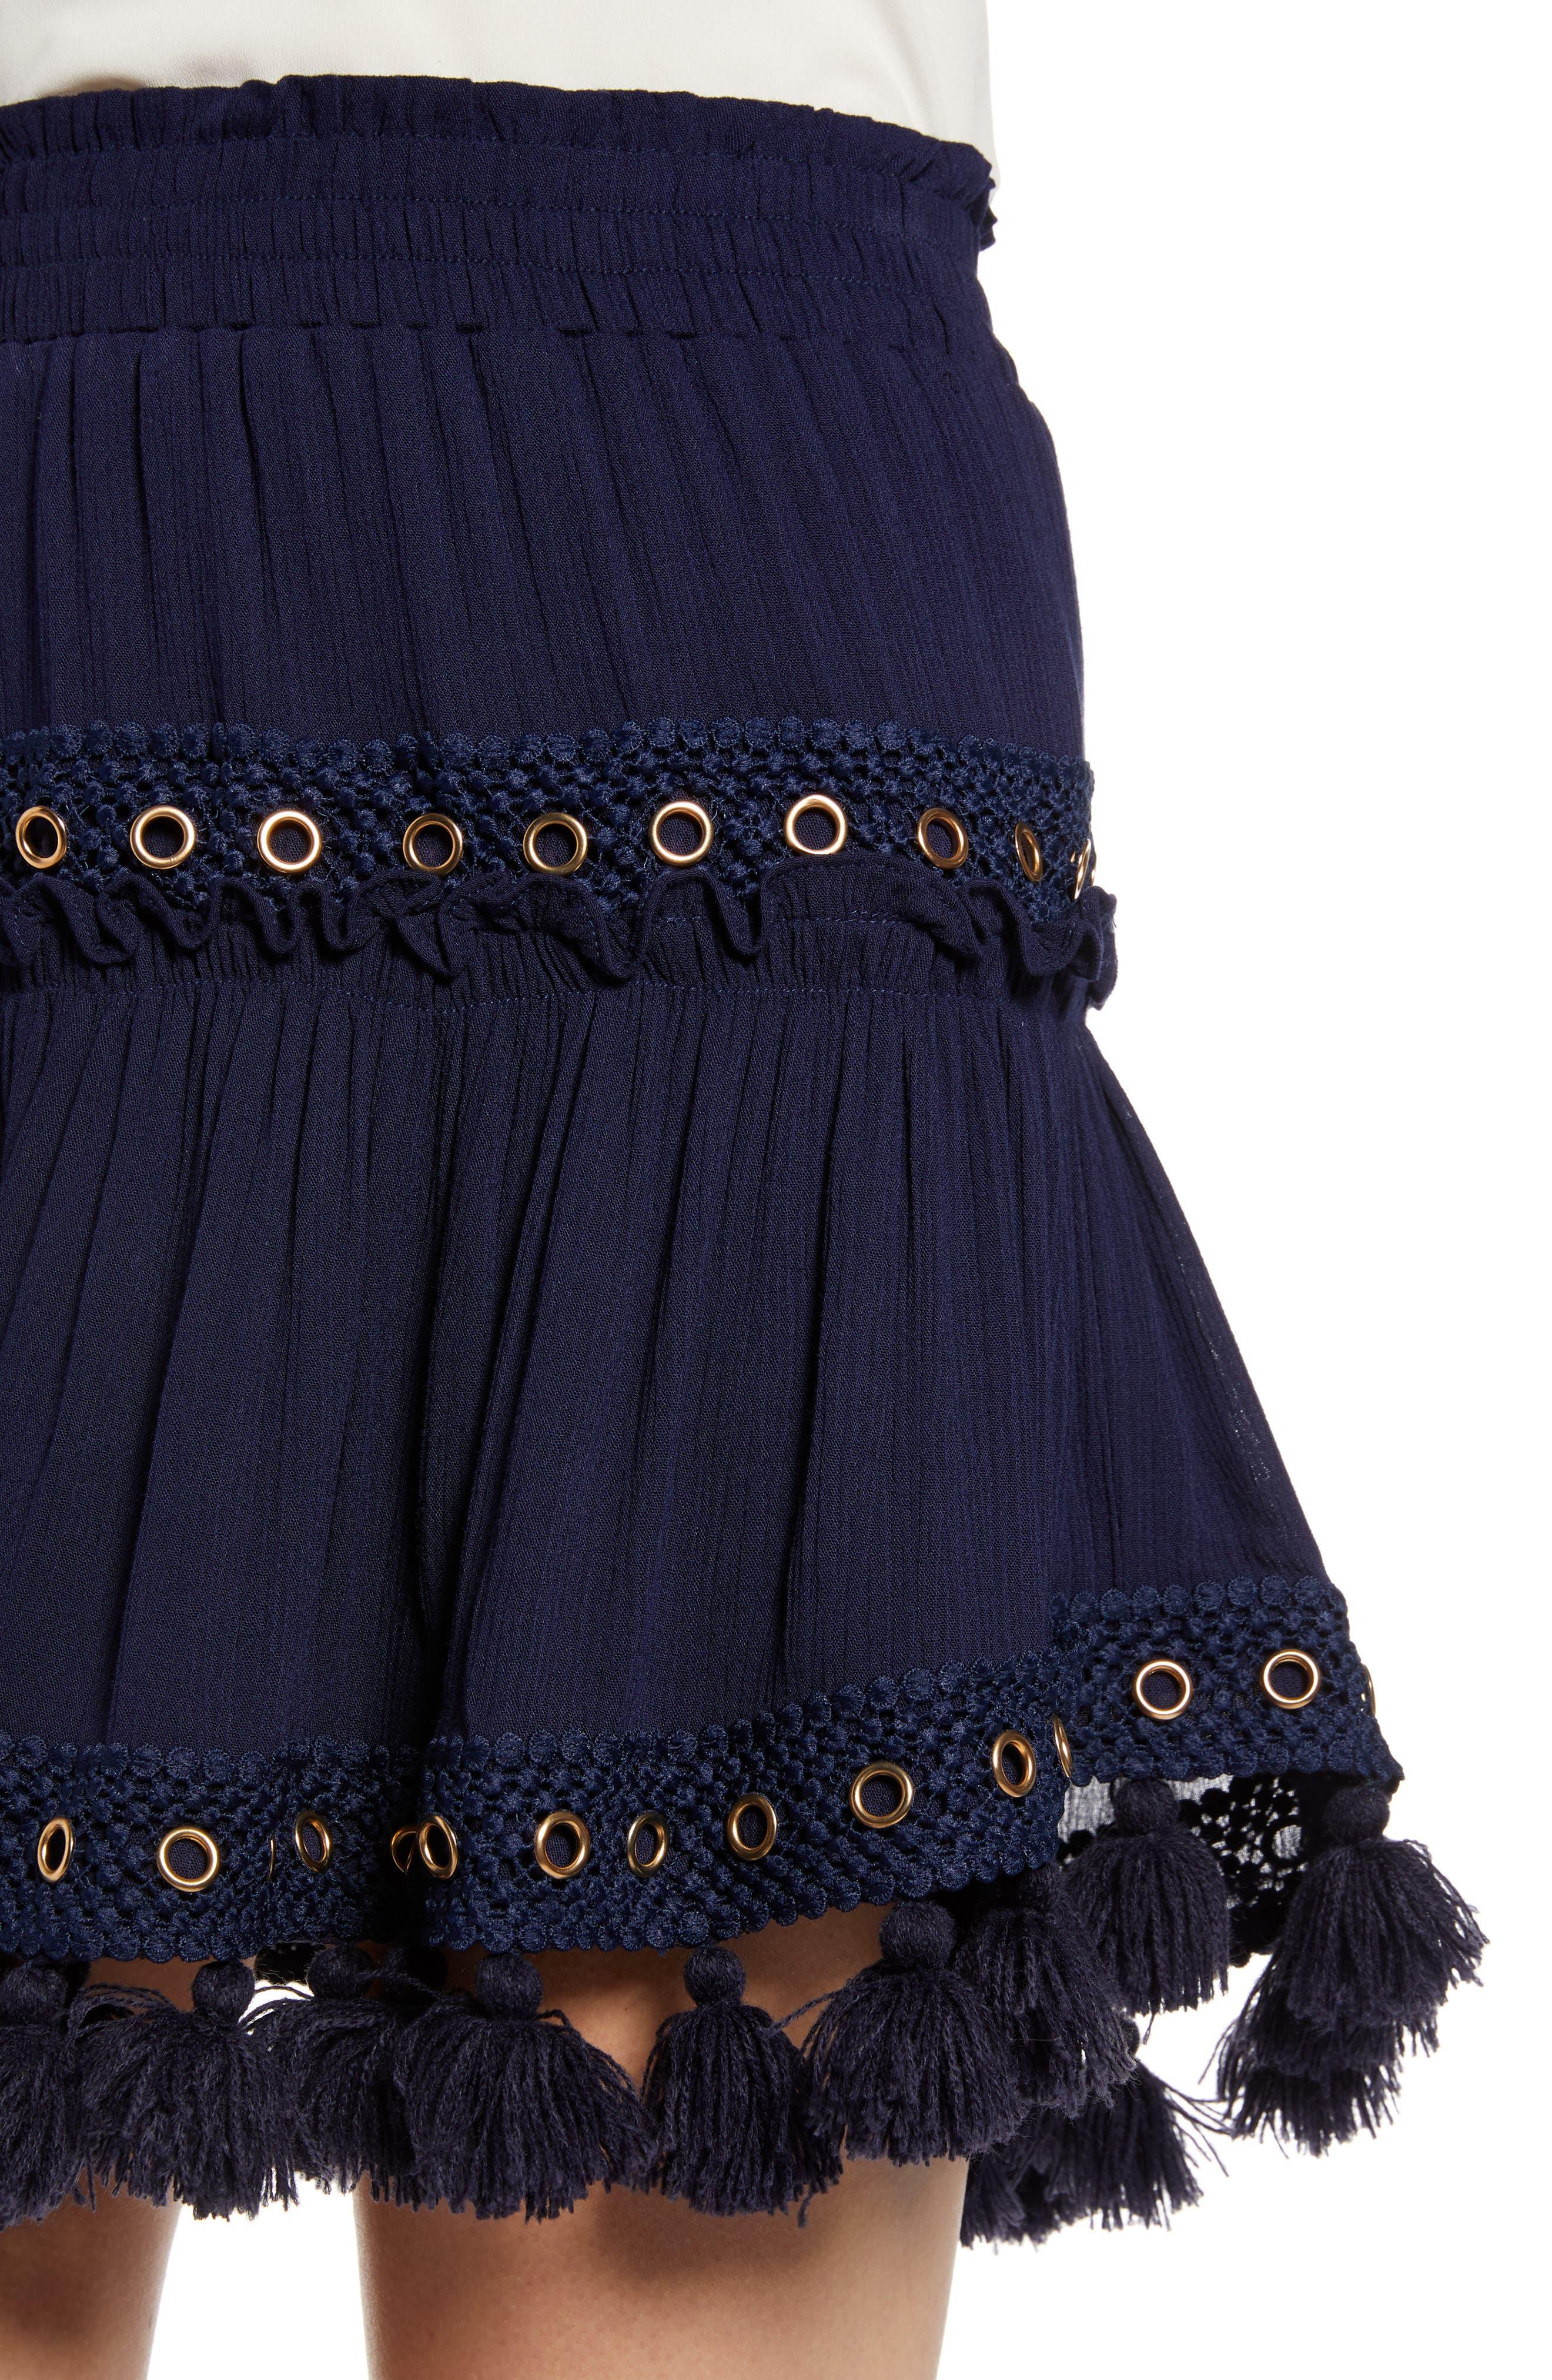 Marcella Fringe Trim Skirt,                             Alternate thumbnail 4, color,                             432